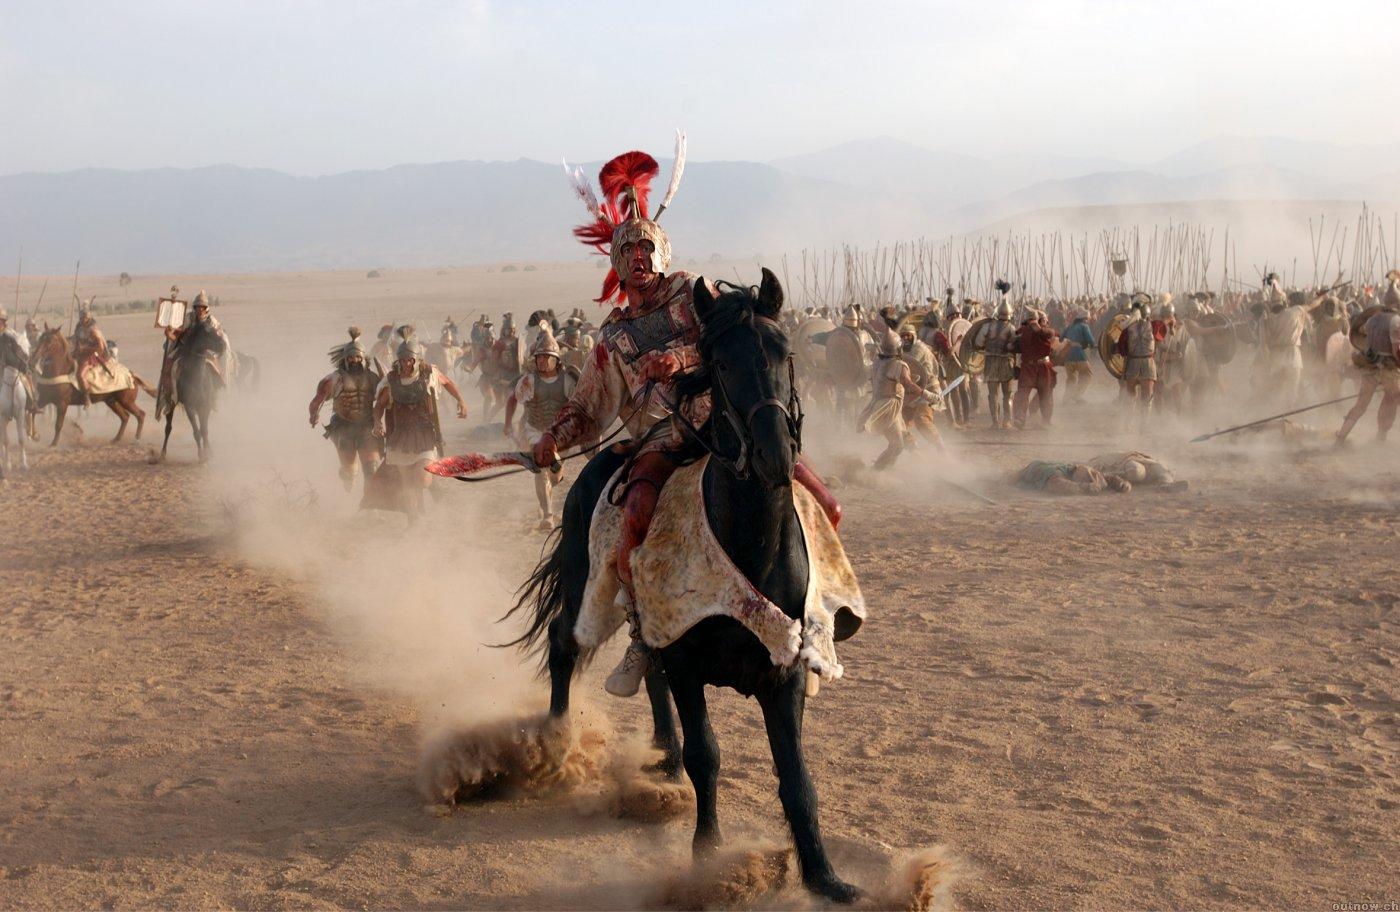 Рисунок 1. Популярна легенда о том, что праздник приурочен ко дню рождения коня Александра Македонского – Буцефала